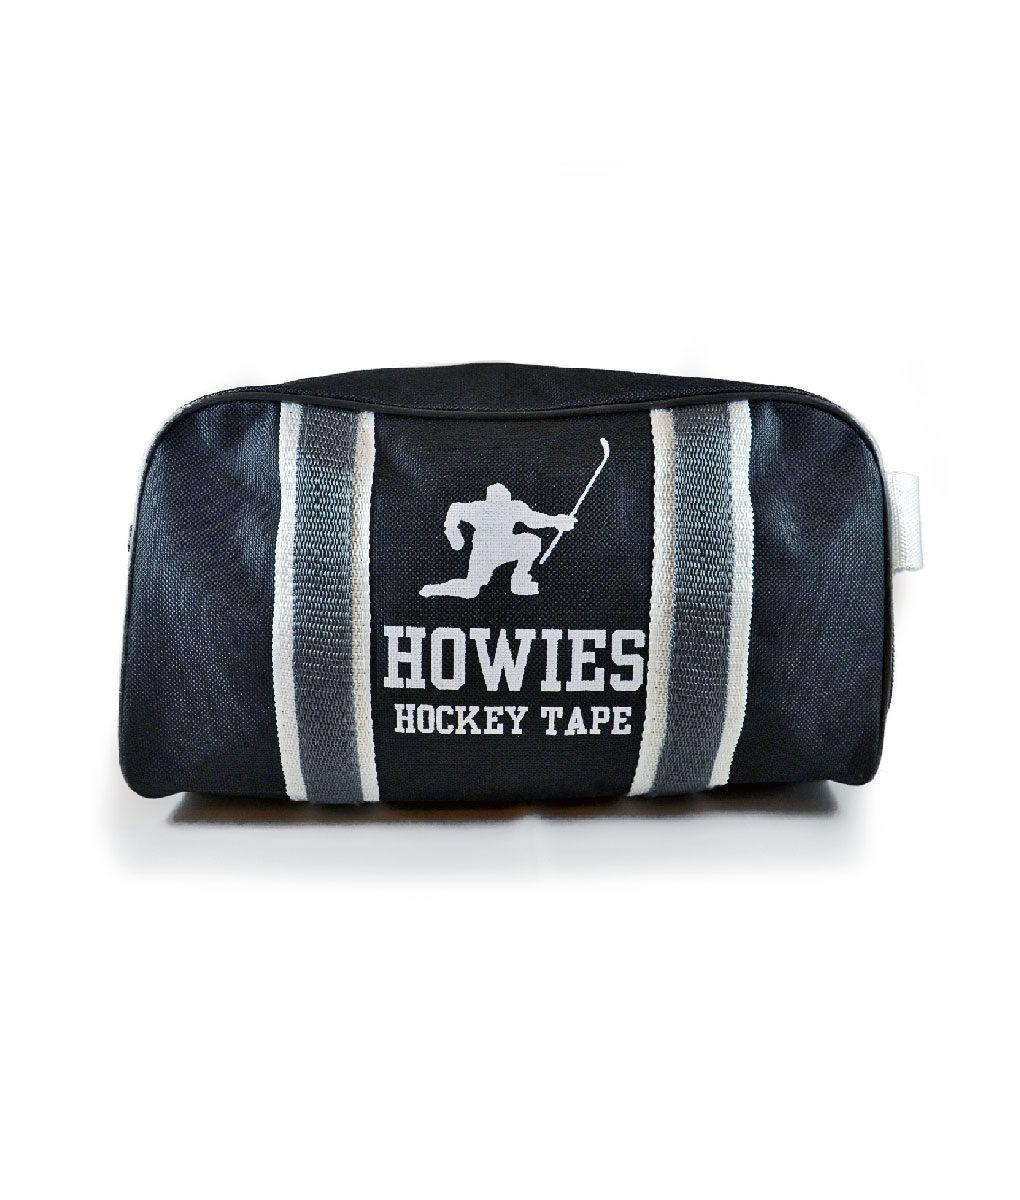 Howies Tape Taschen